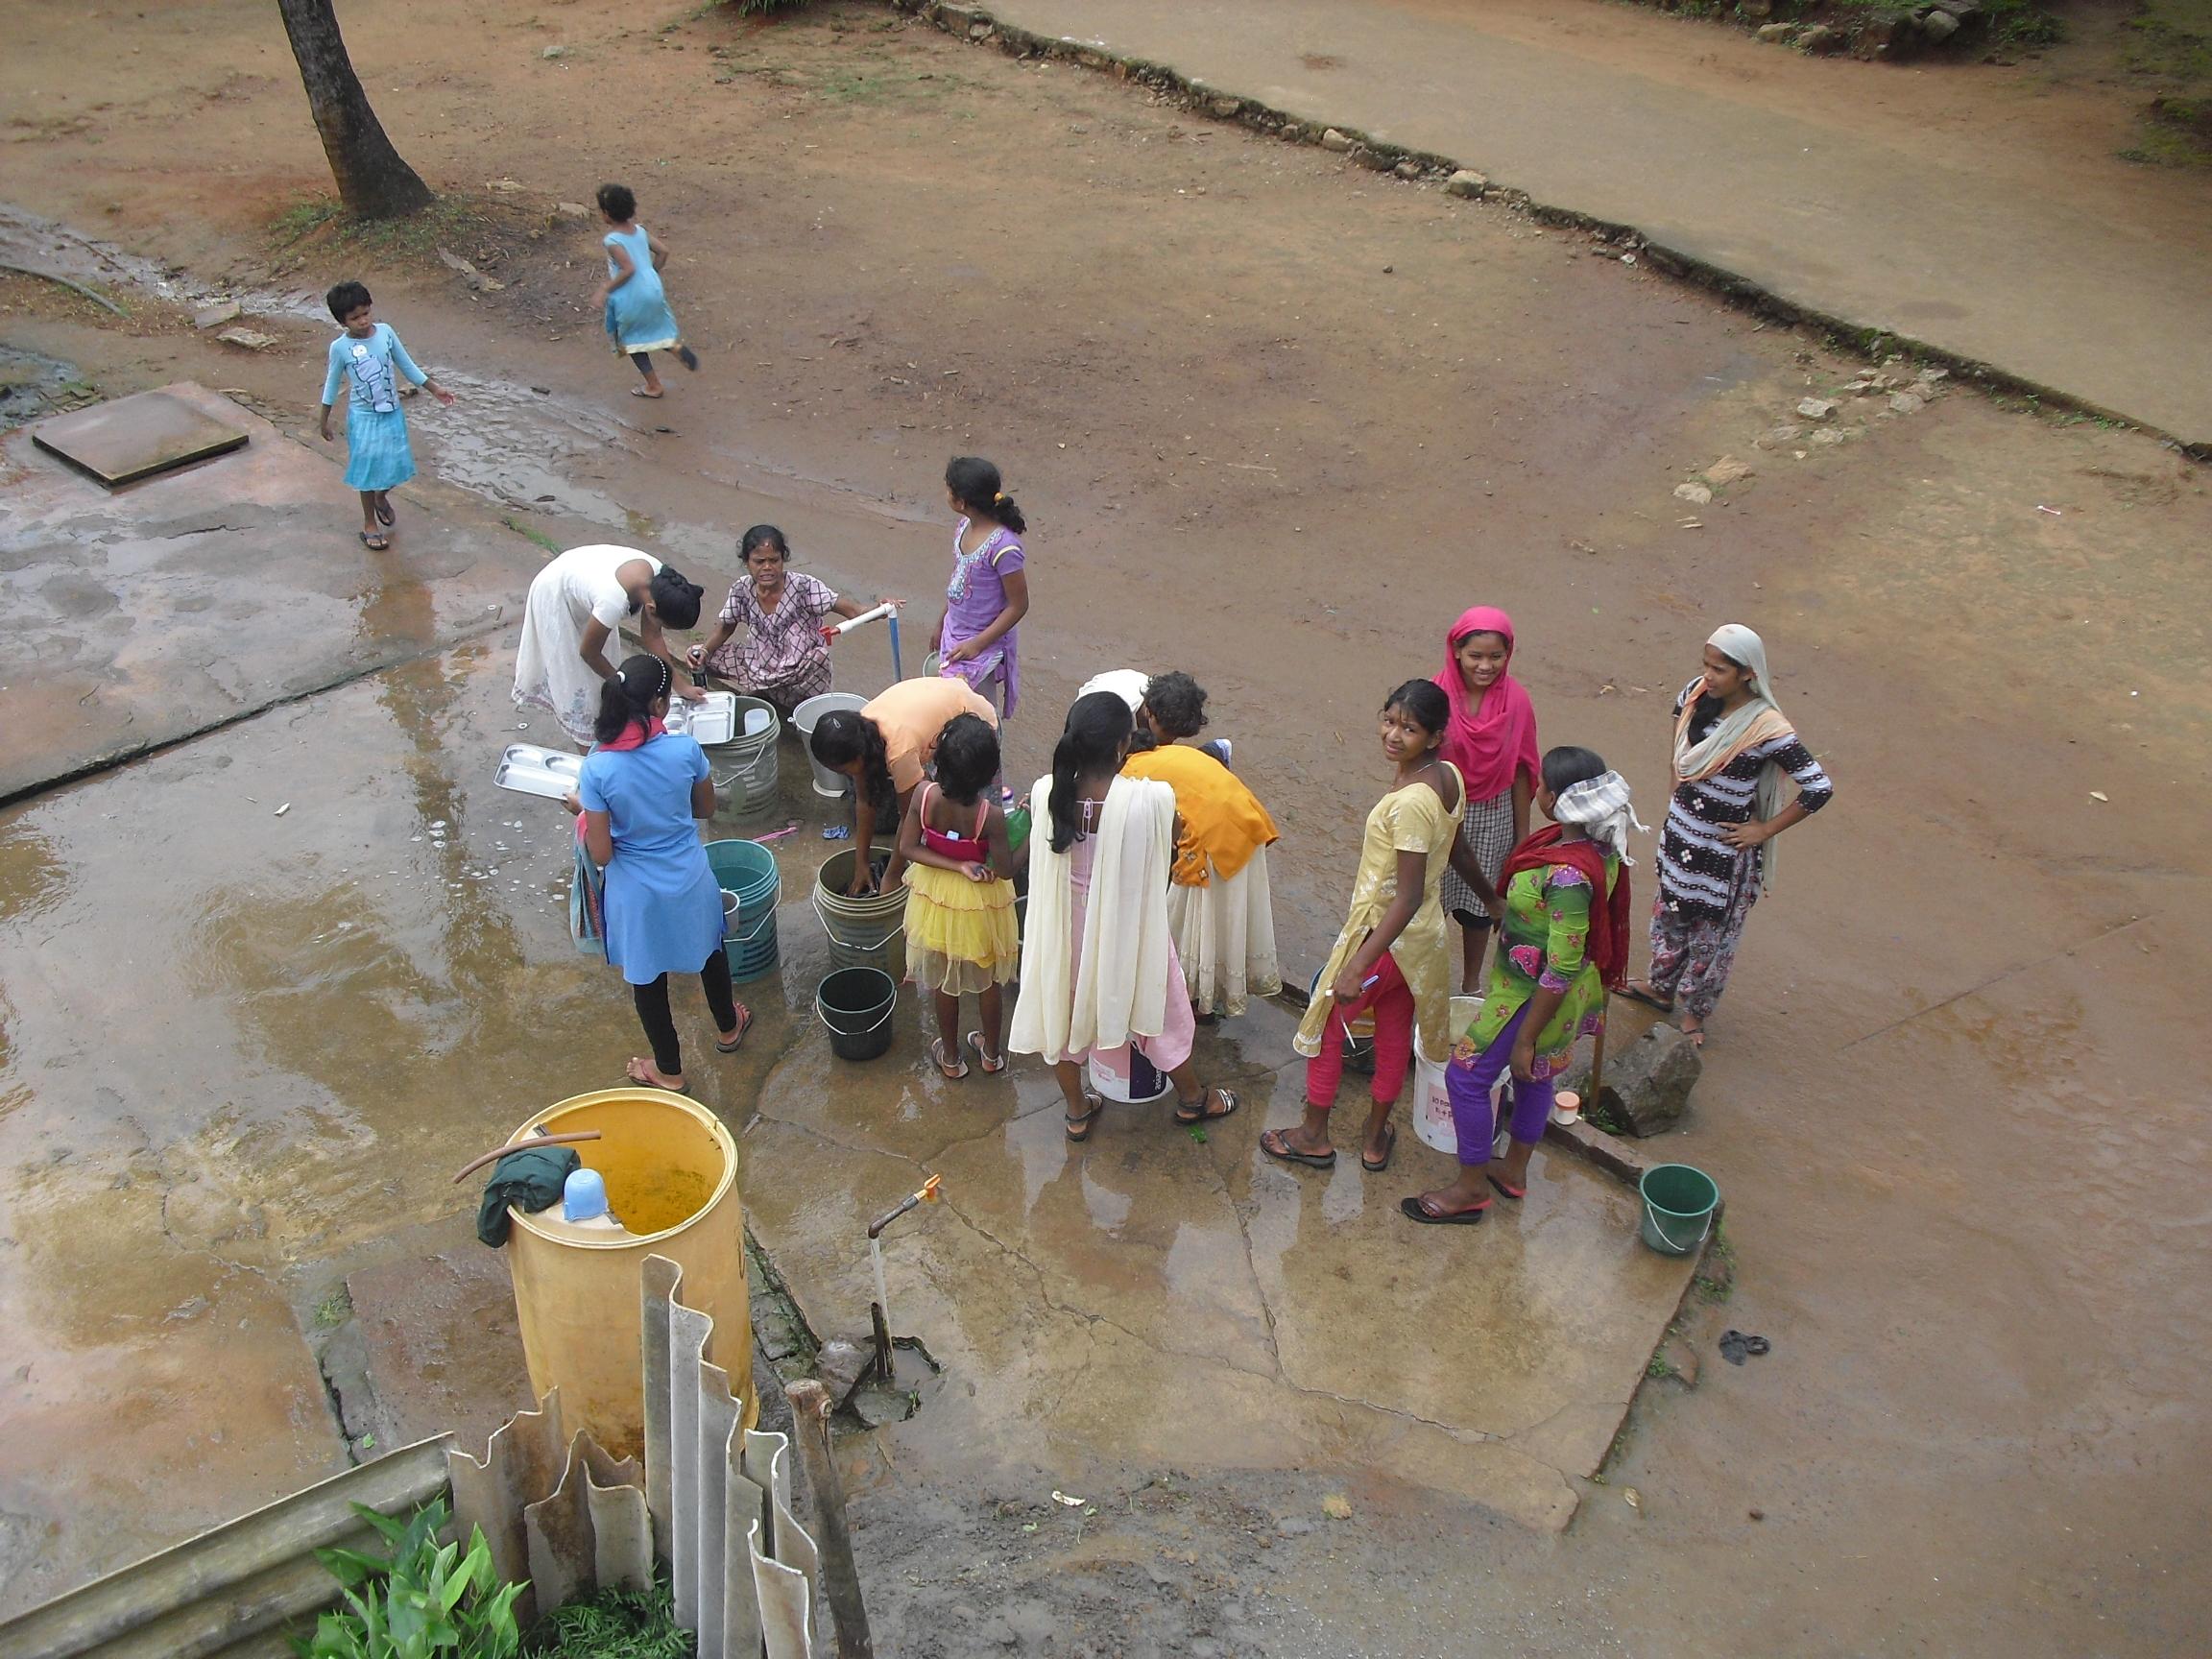 Impresiones de una voluntaria sobre el terreno. 3. G. Udayagiri